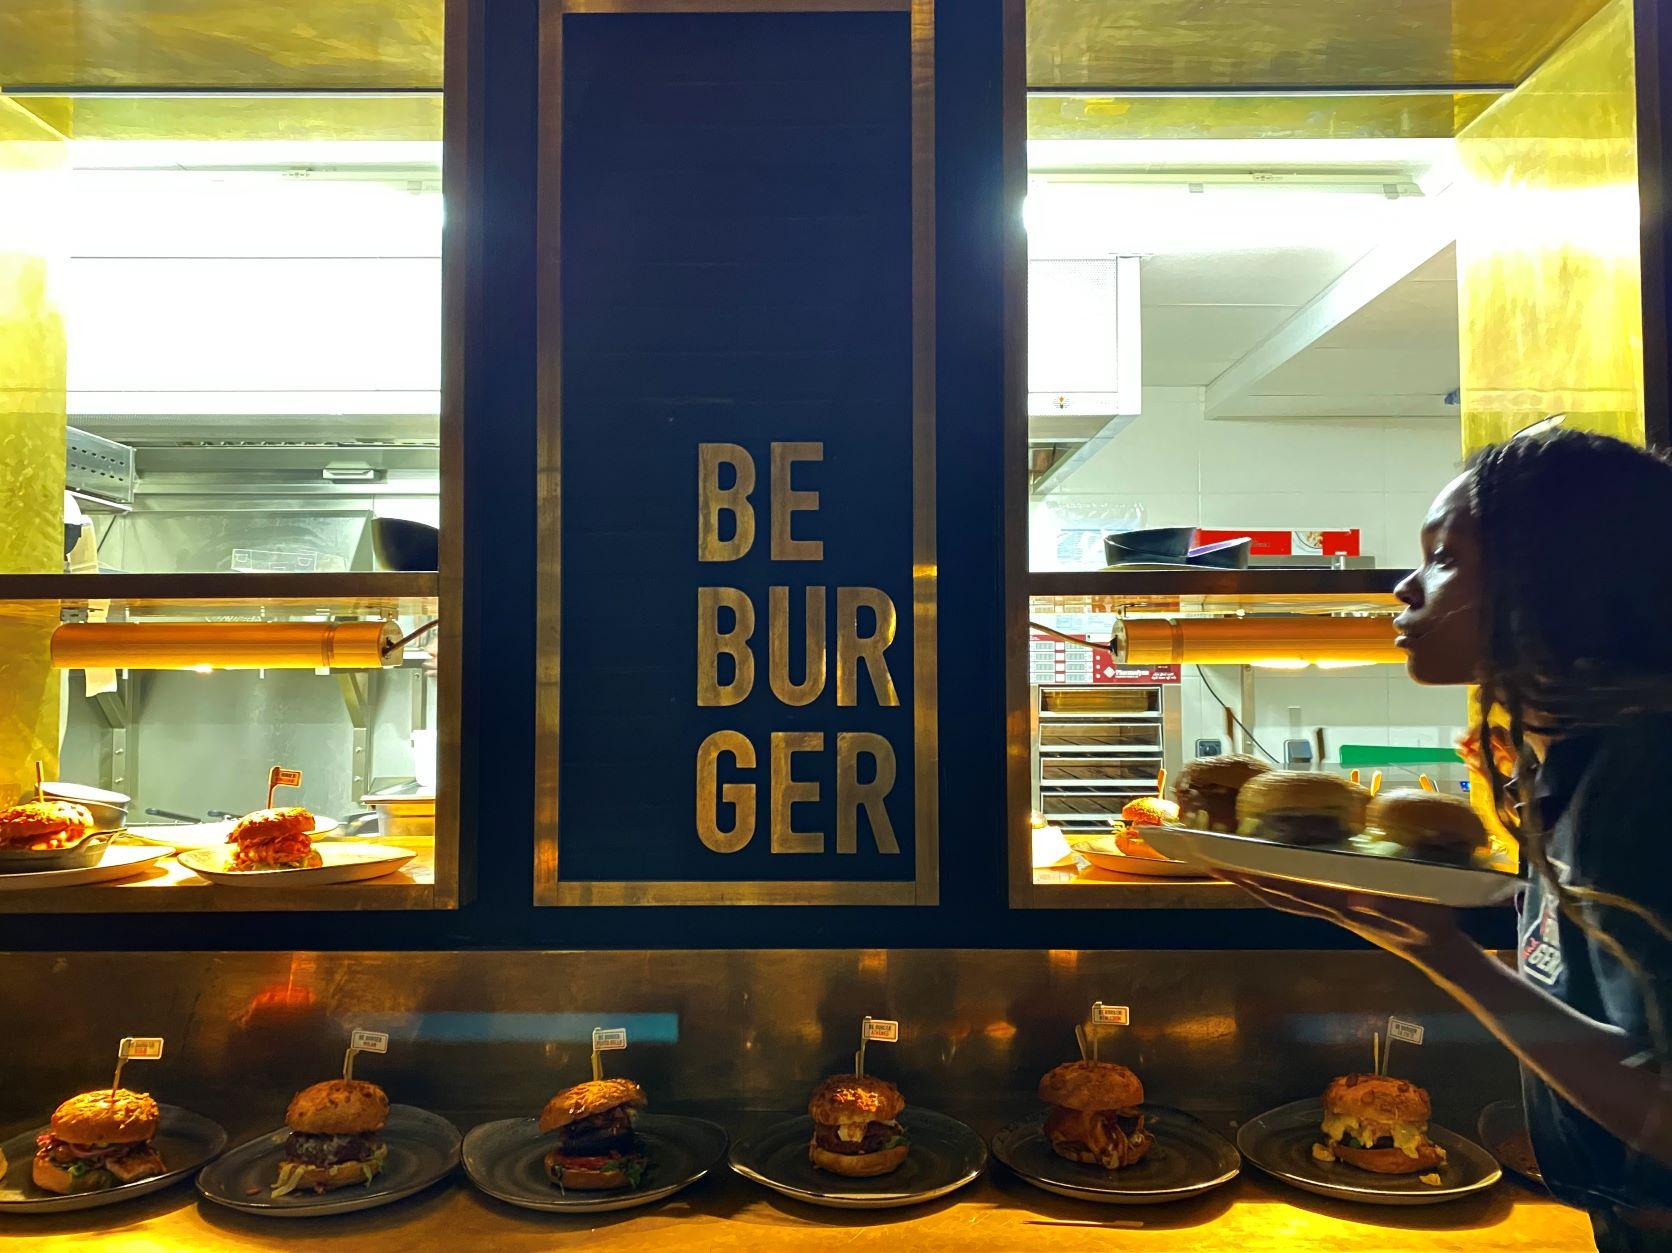 On a testé Be Burger – Le burger gourmet belge débarqué rue de Gand